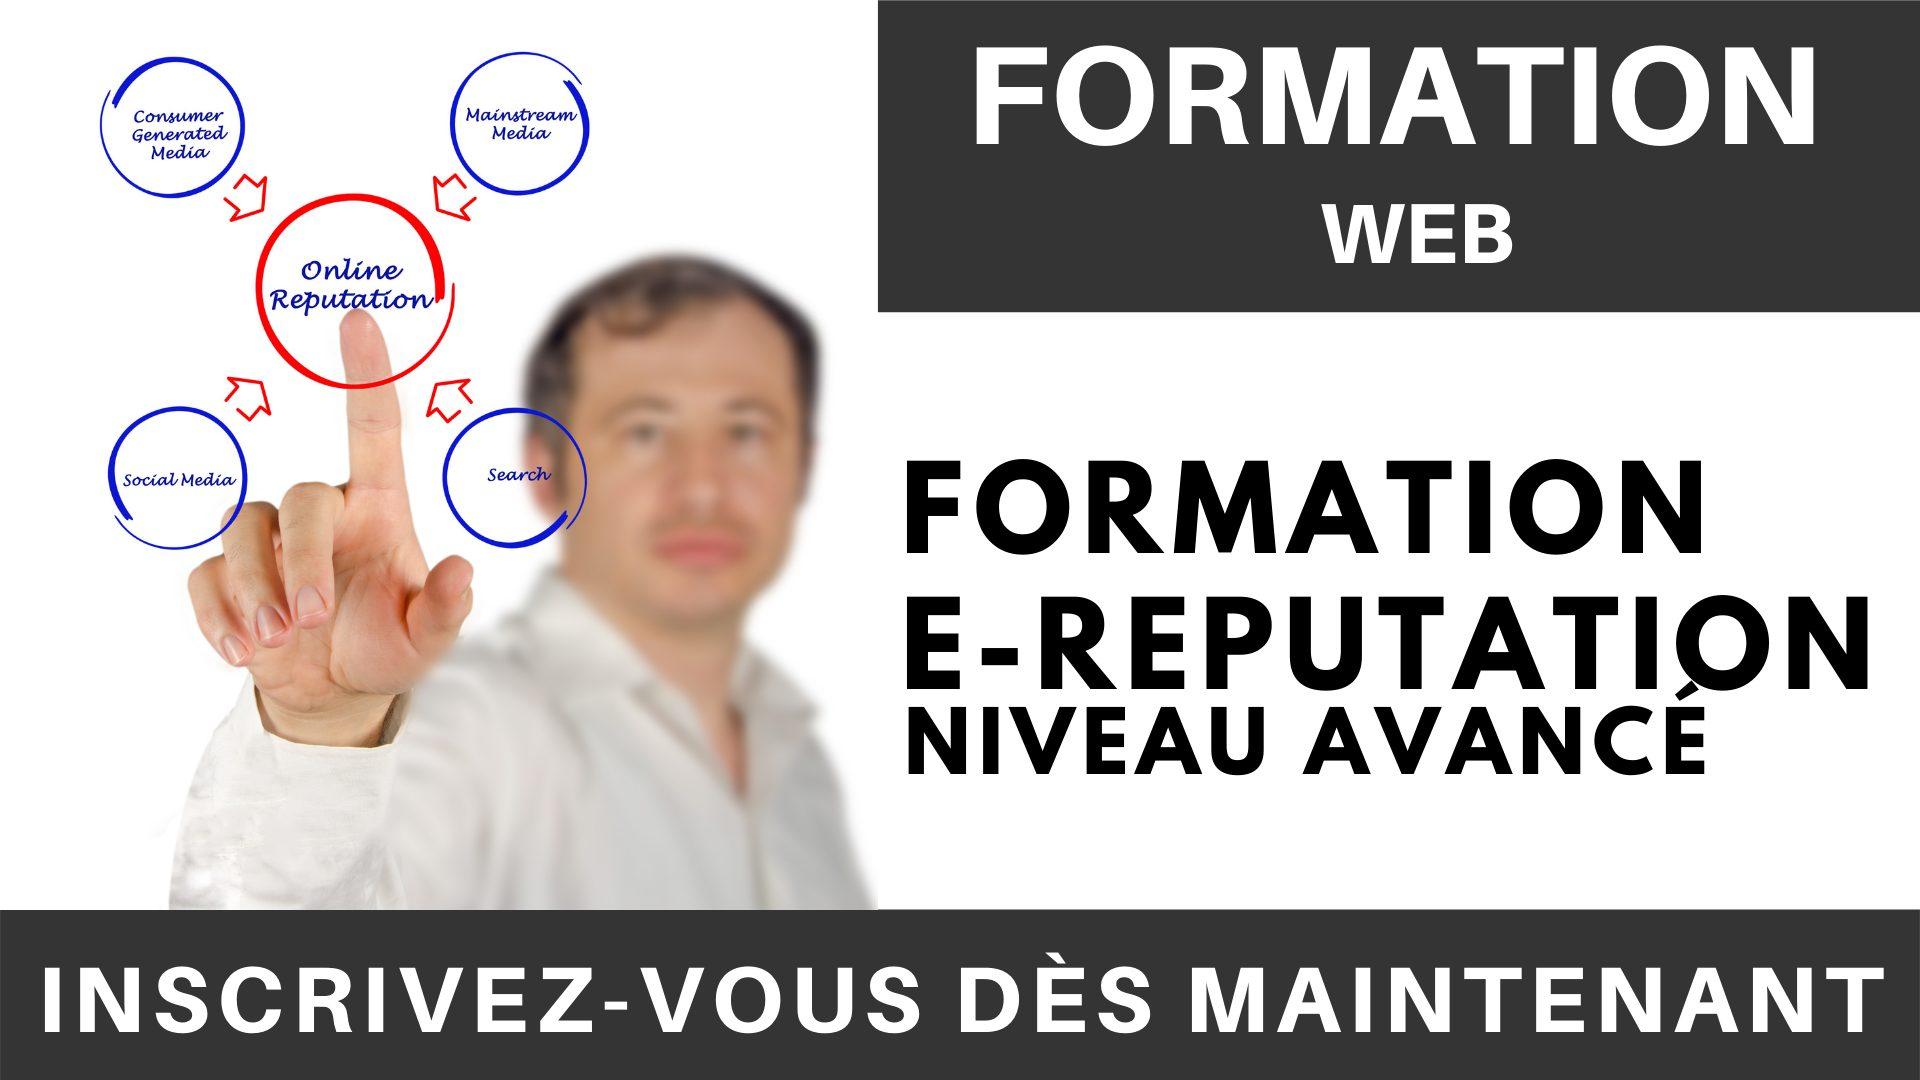 Formation WEB - Formation e-Reputation - niveau avancé (1)